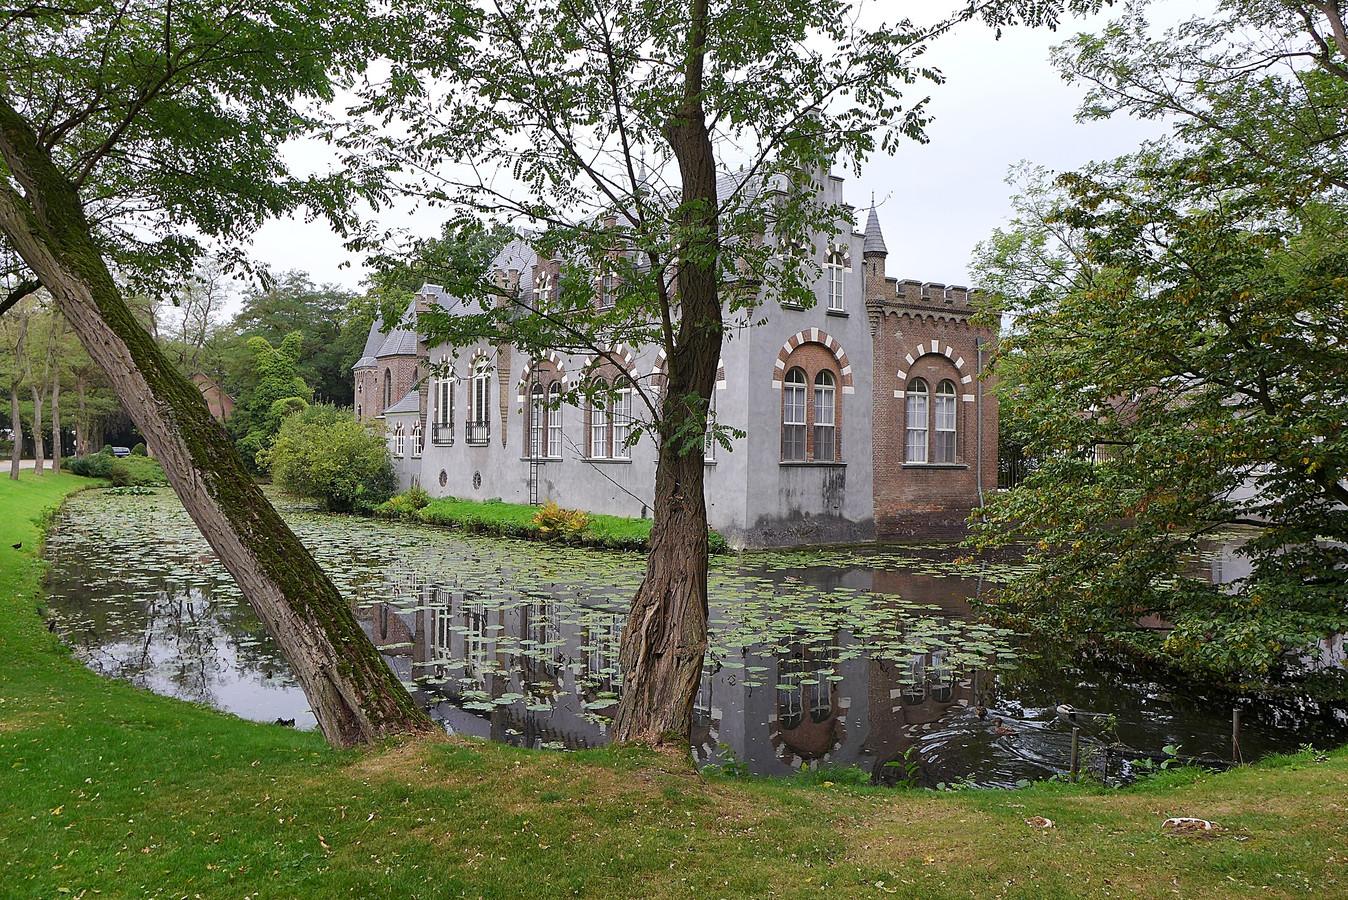 Kasteel Stapelen in Boxtel is het decor van de openluchttentoonstelling Kunst op Stapel.